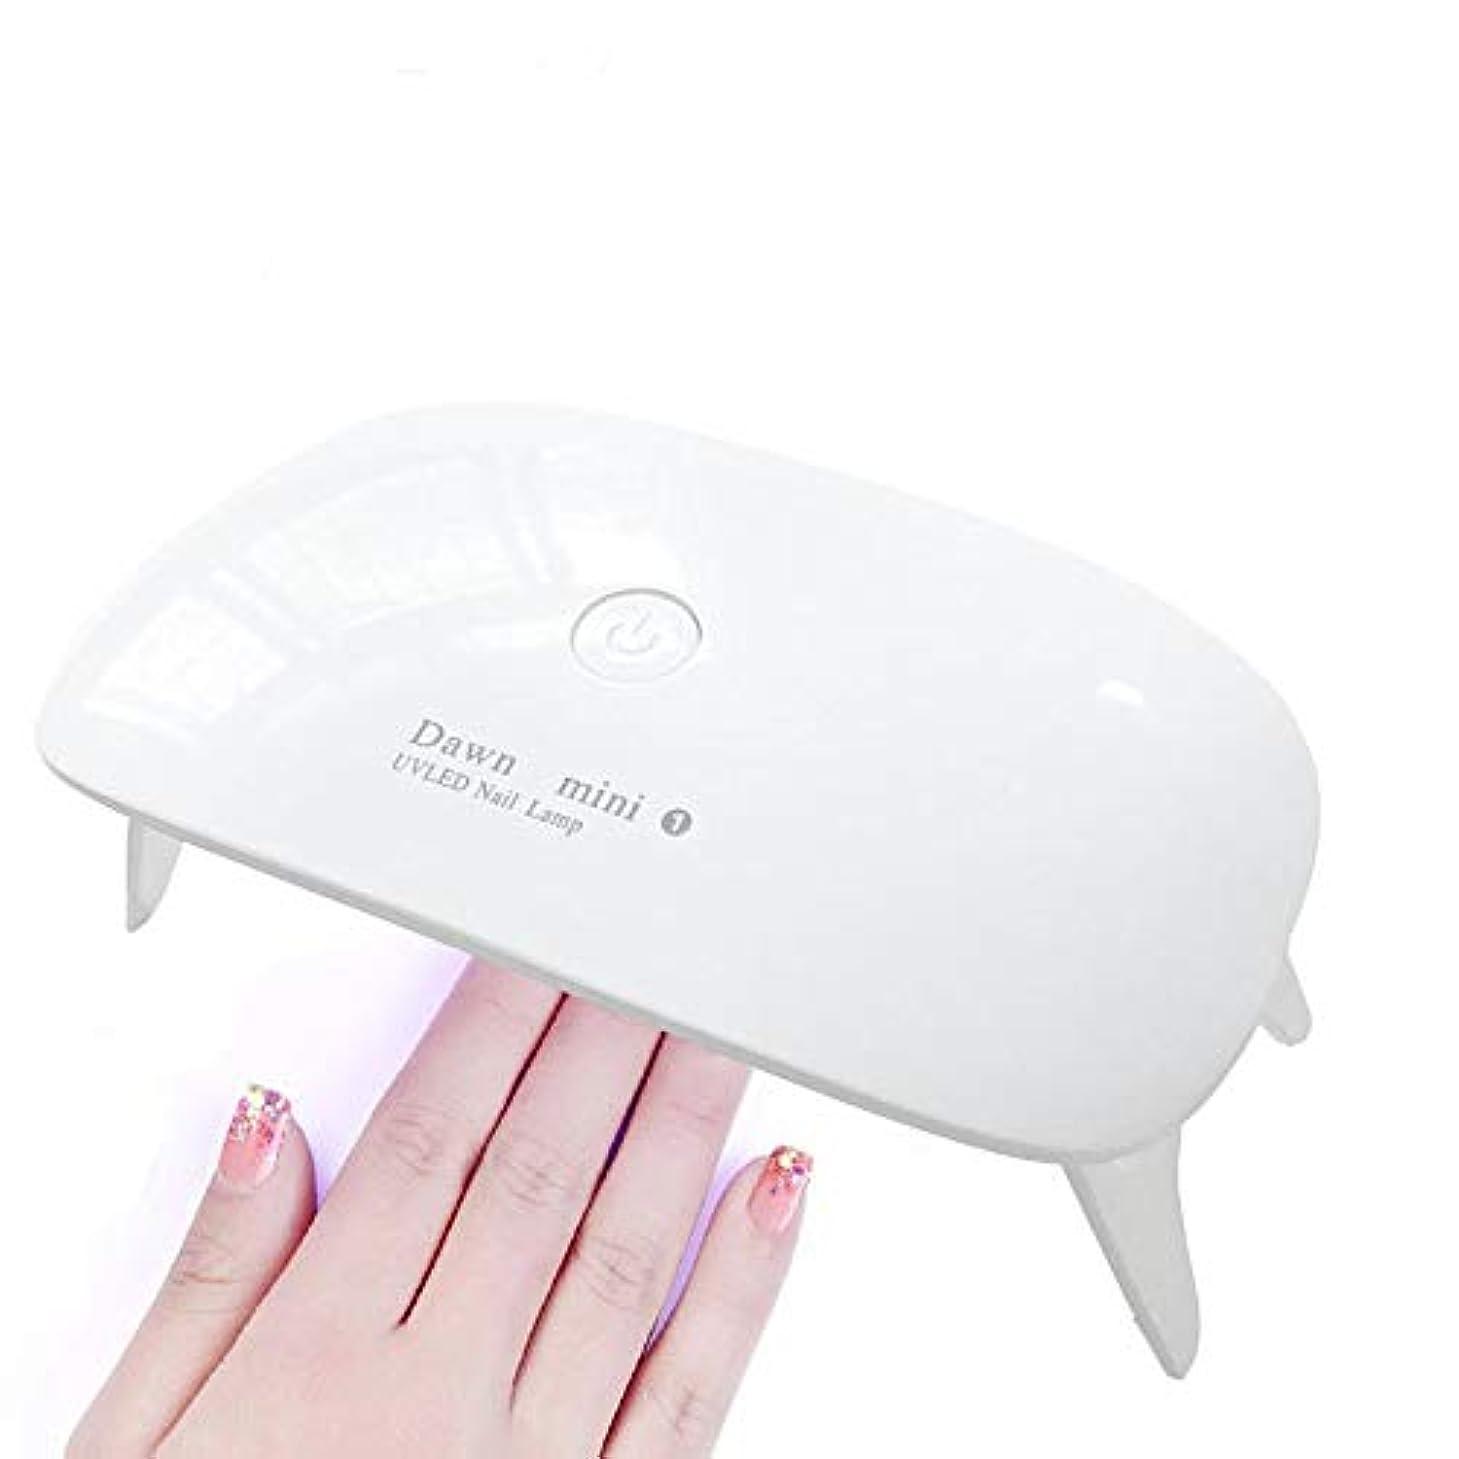 めったに神経障害命令LEDネイルドライヤー UVライト レジン用 硬化ライト タイマー設定可能 折りたたみ式手足とも使える UV と LEDダブルライト ジェルネイル と レジンクラフト用